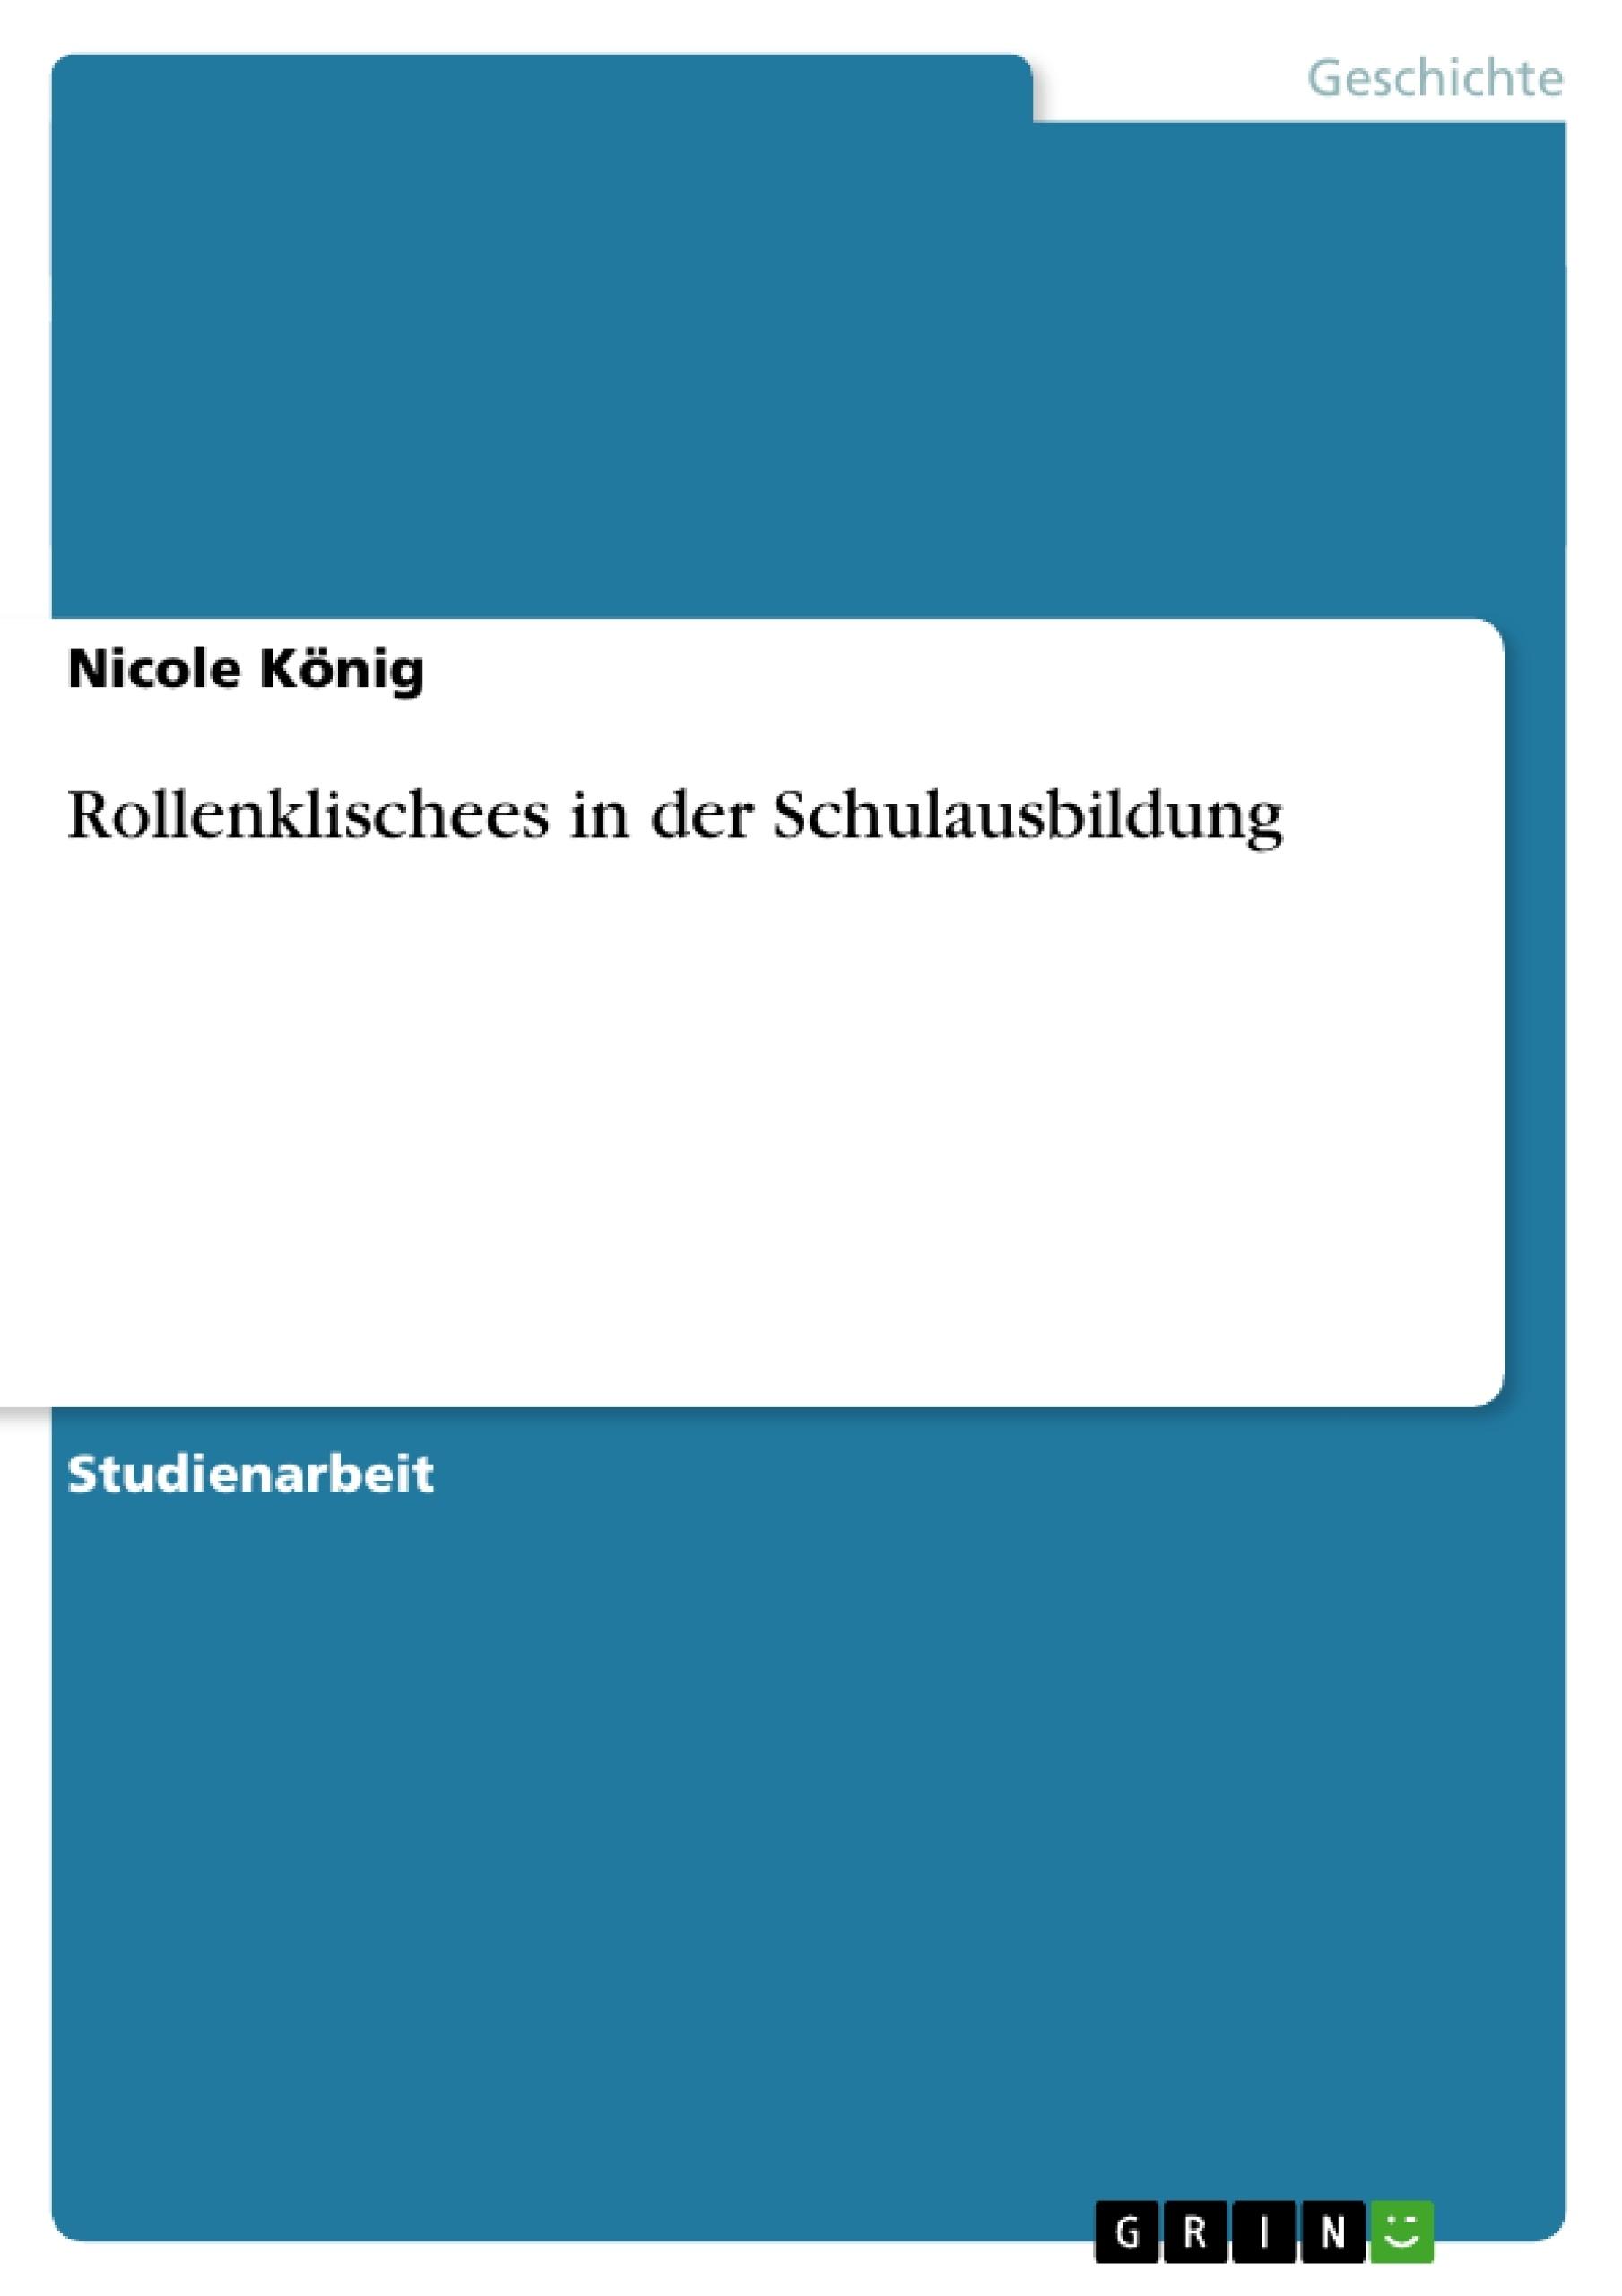 Titel: Rollenklischees in der Schulausbildung